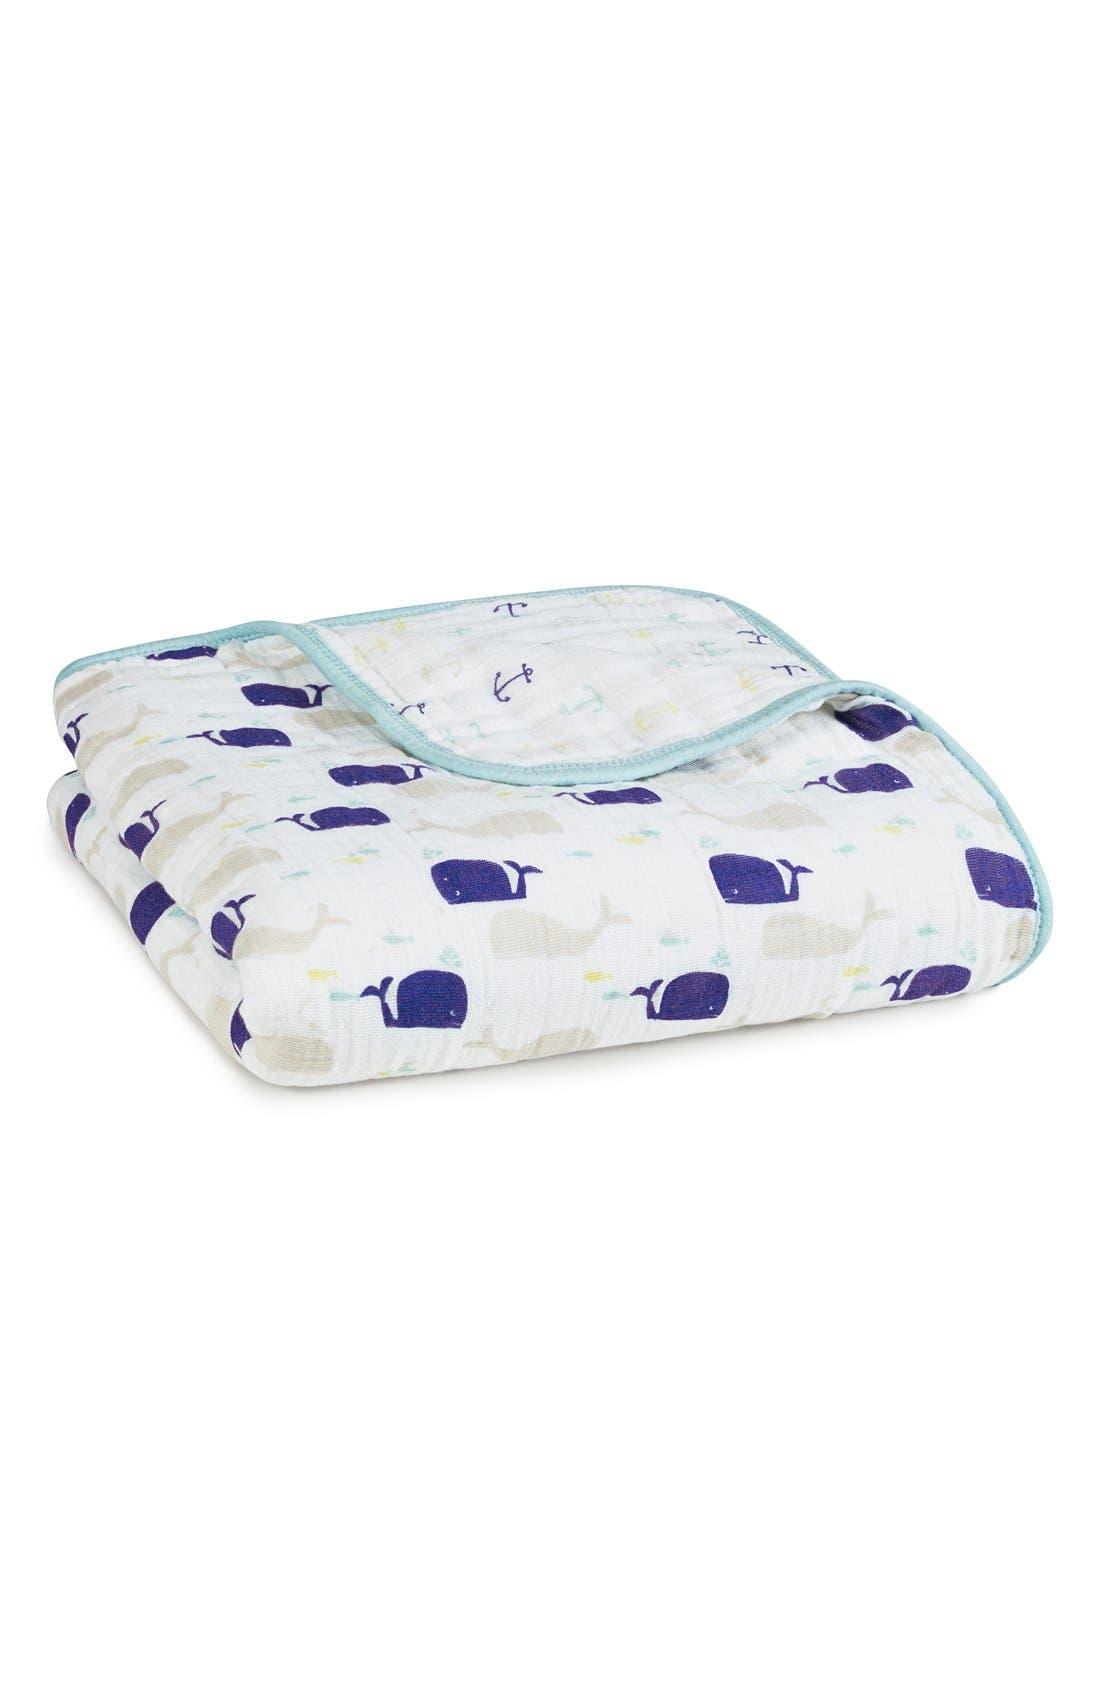 ADEN + ANAIS, Classic Dream Blanket<sup>™</sup>, Main thumbnail 1, color, HIGH SEAS